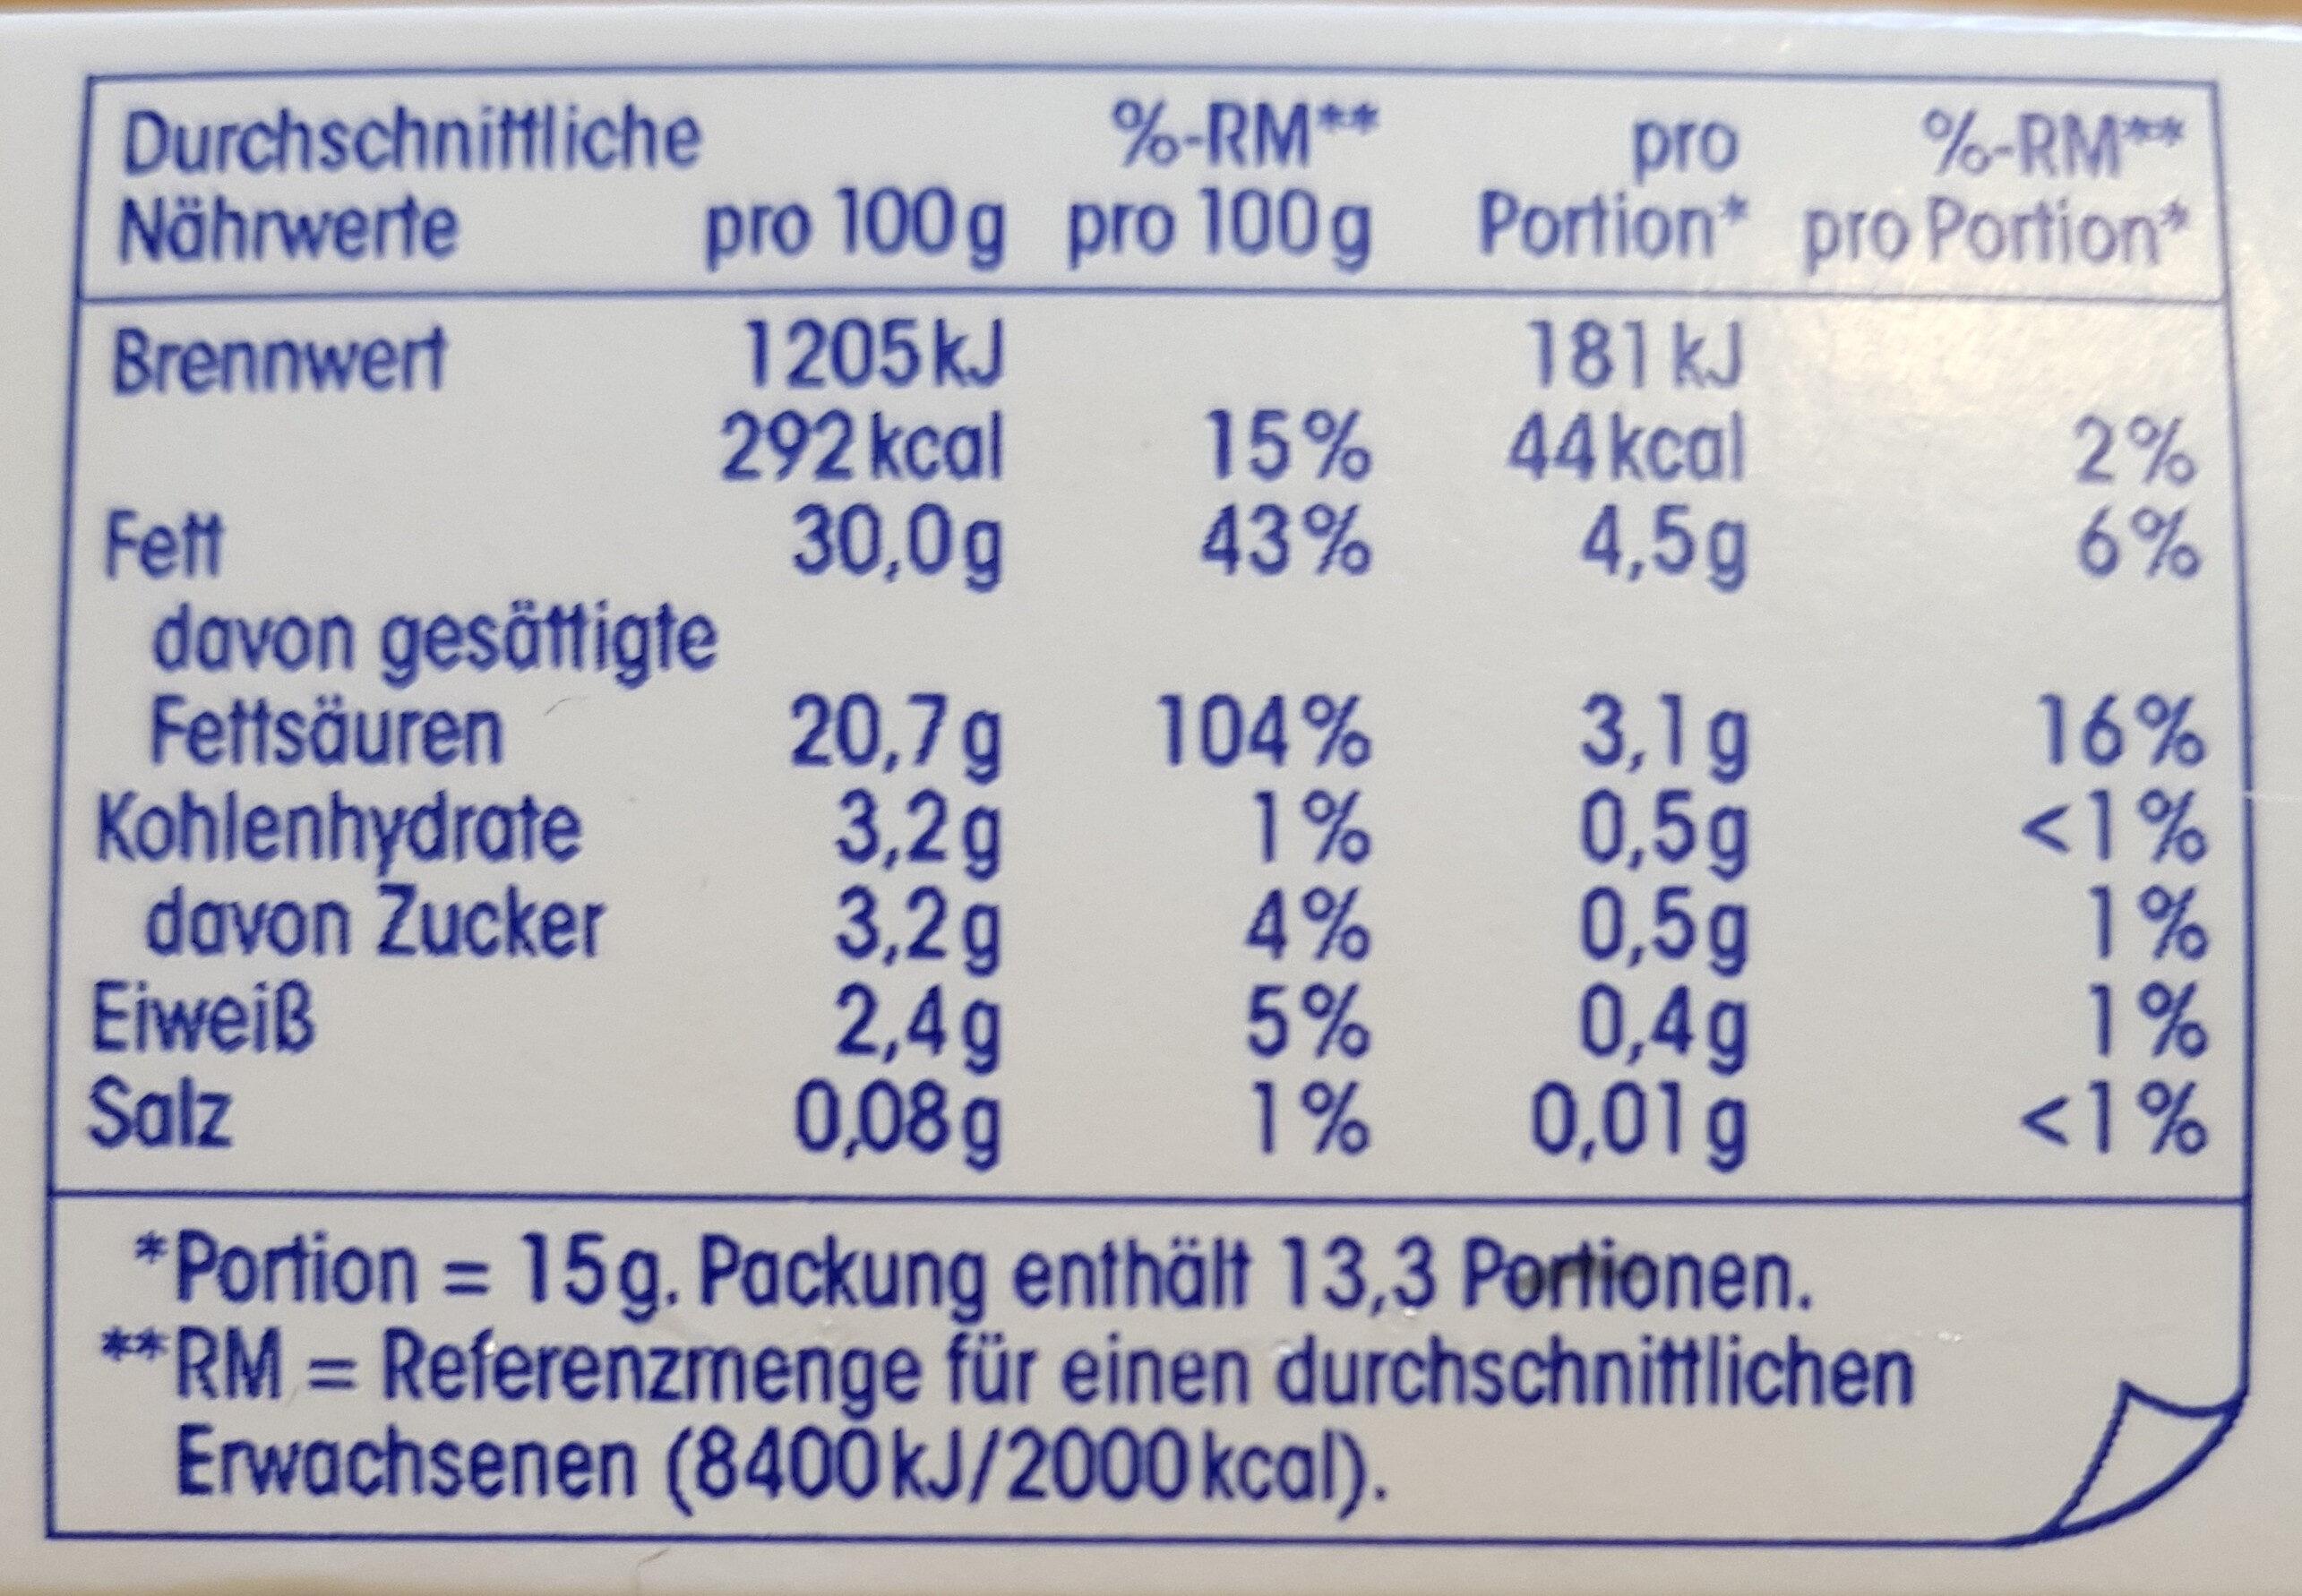 Schlagsahne, ultrahocherhitzt, mindestens 30 % Fett - Nutrition facts